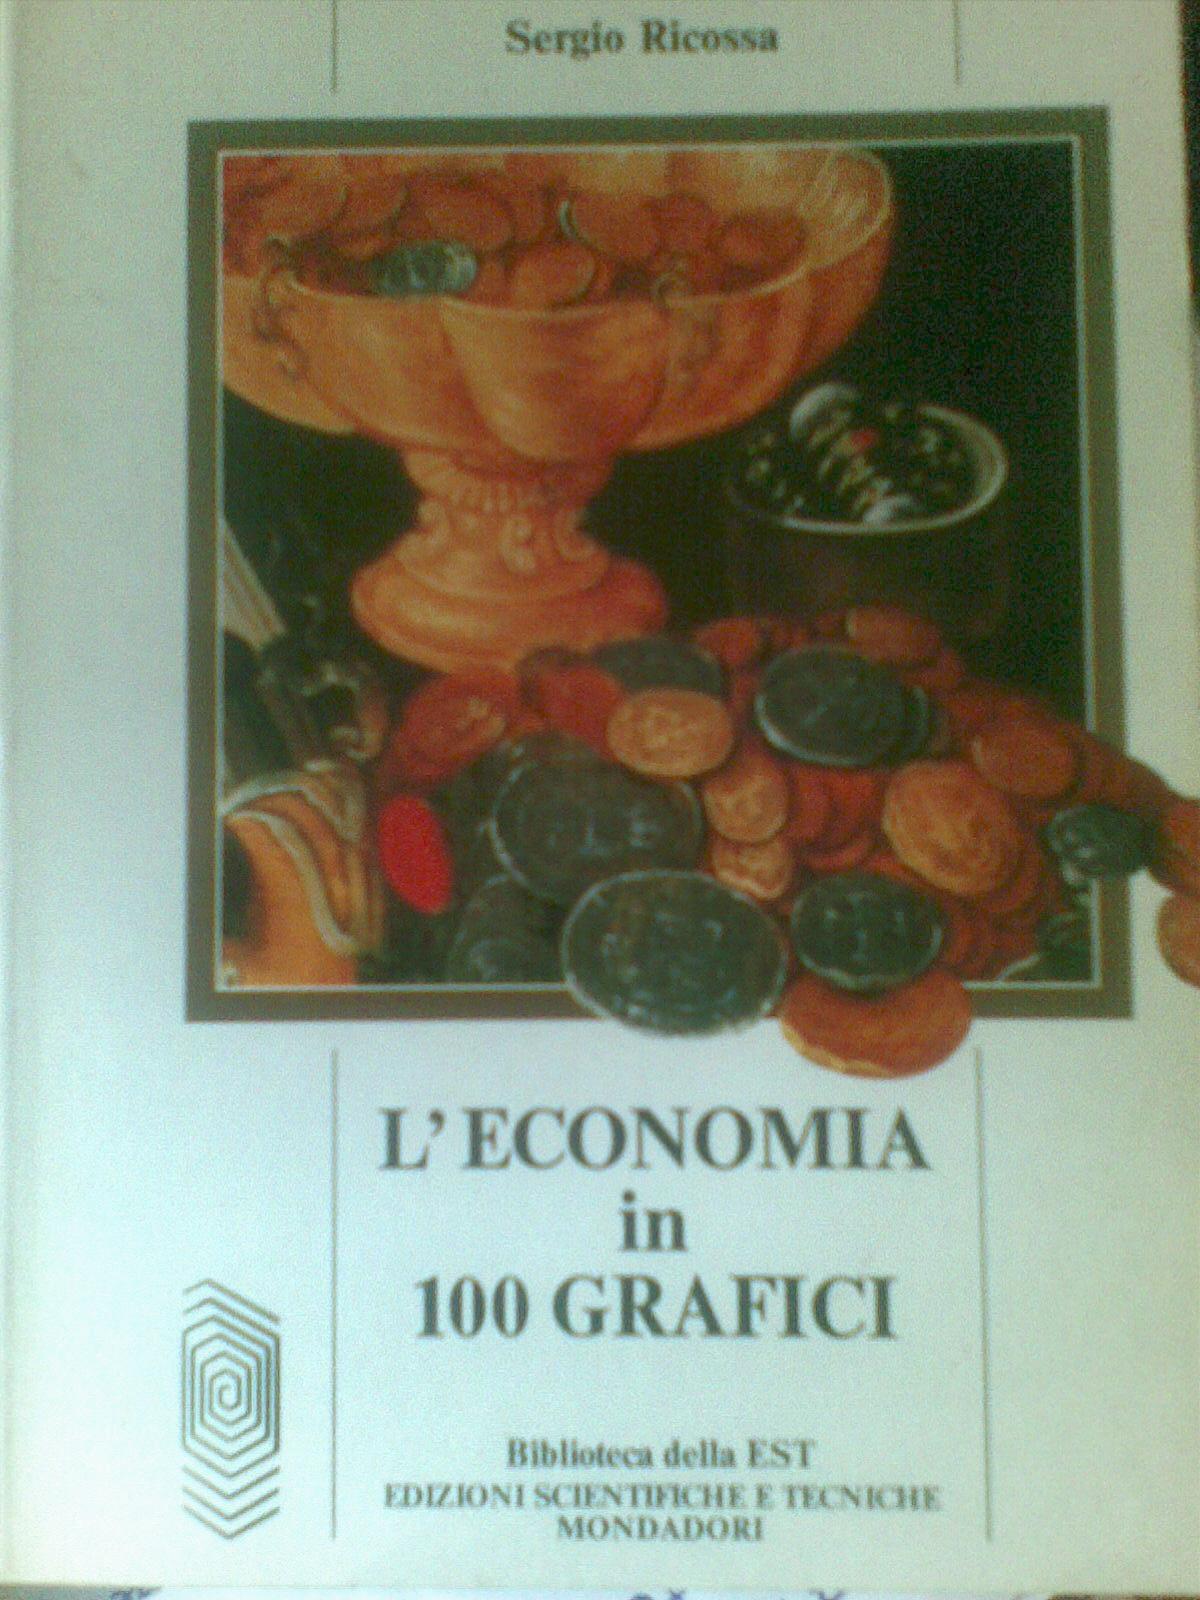 L'economia in 100 gr...